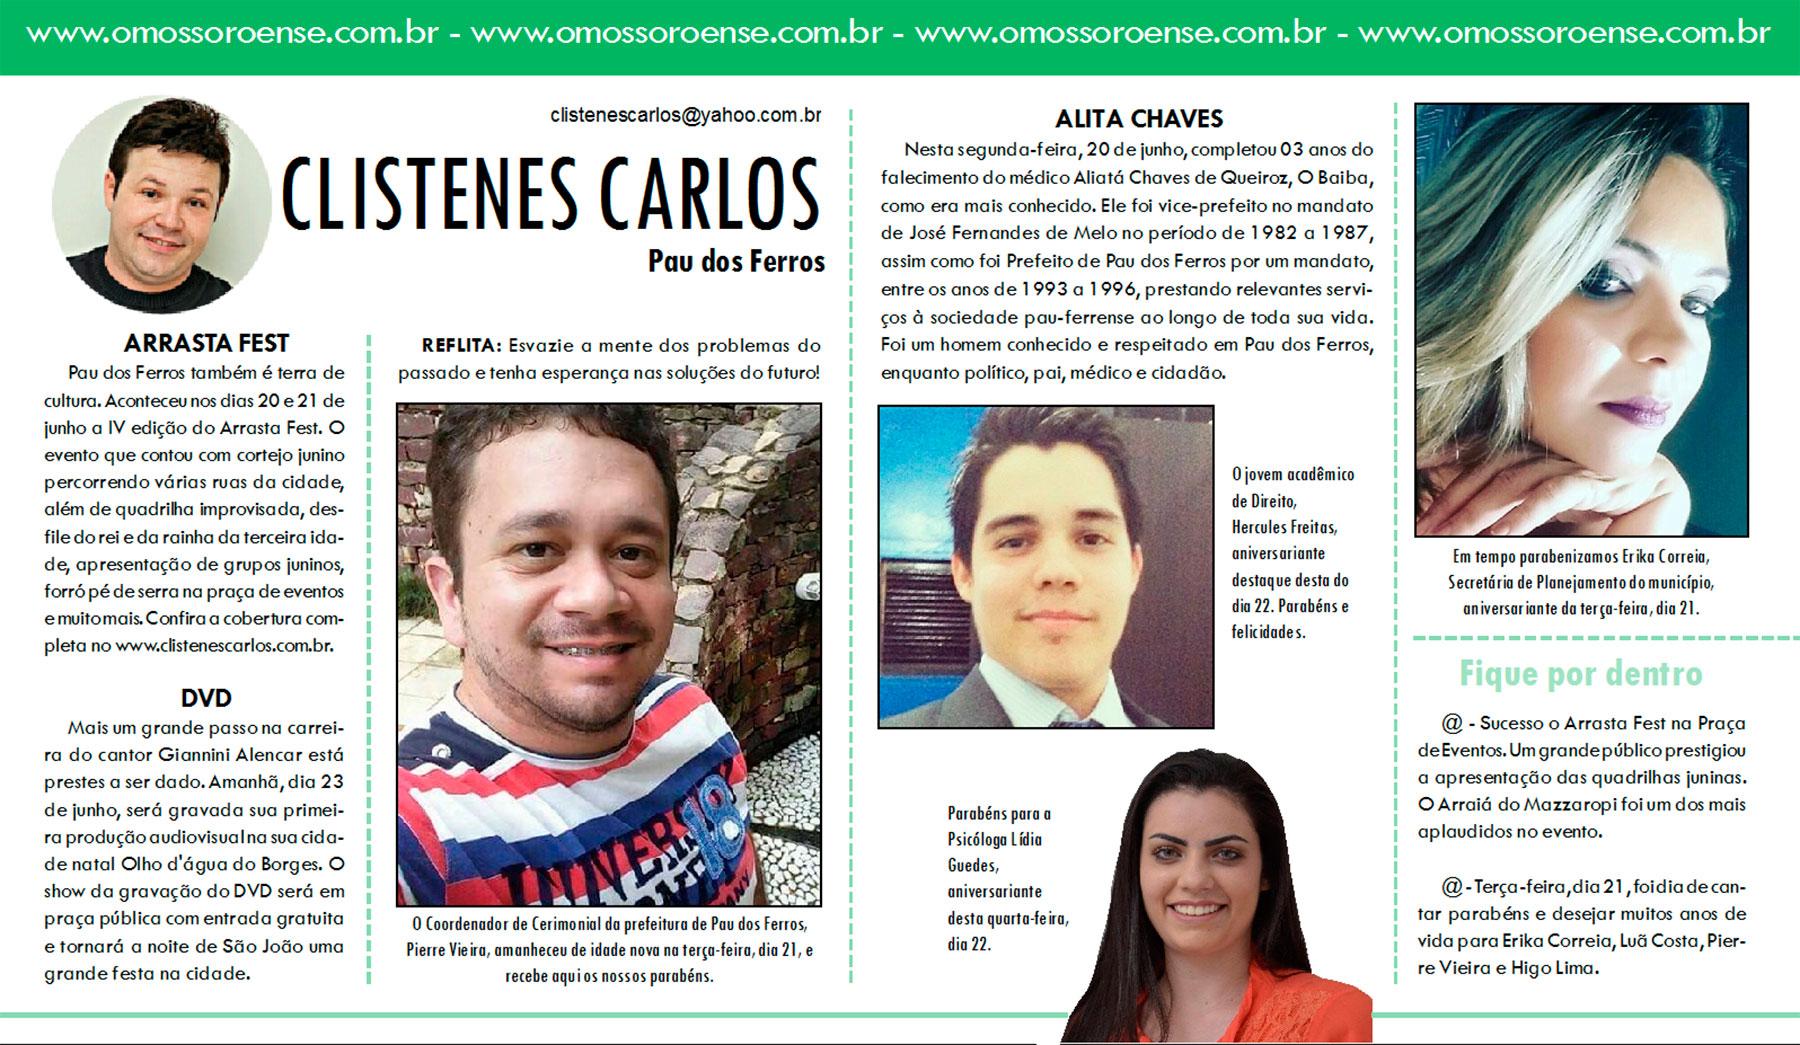 CLISTENES-CARLOS-22-06-2016